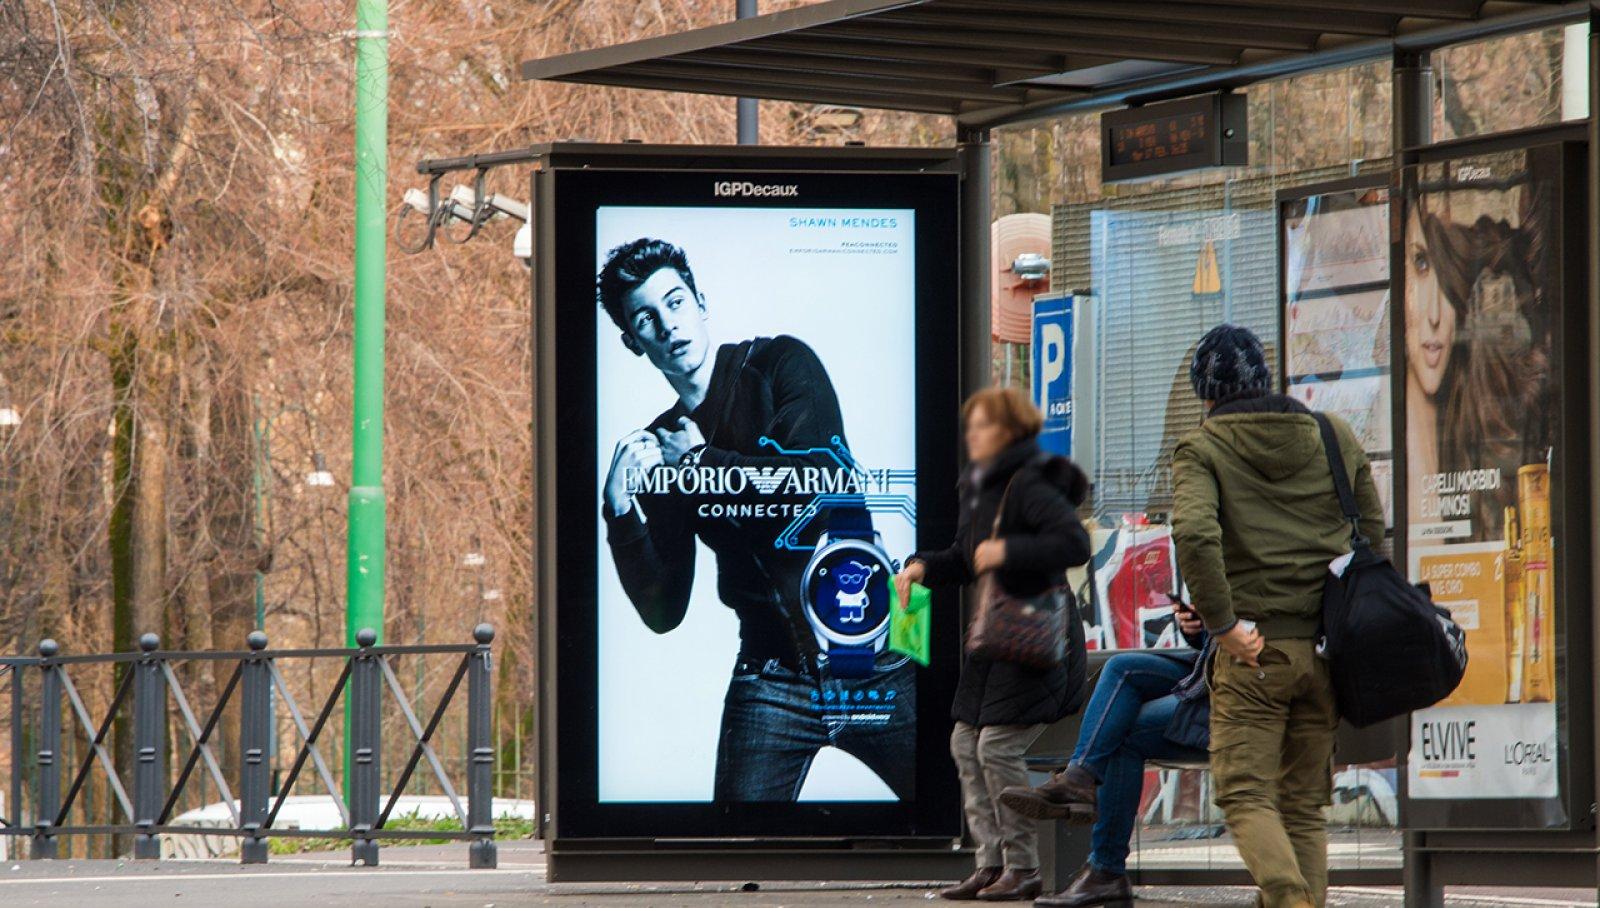 Pubblicità sulle pensiline a Milano pensiline digitali IGPDecaux per Armani